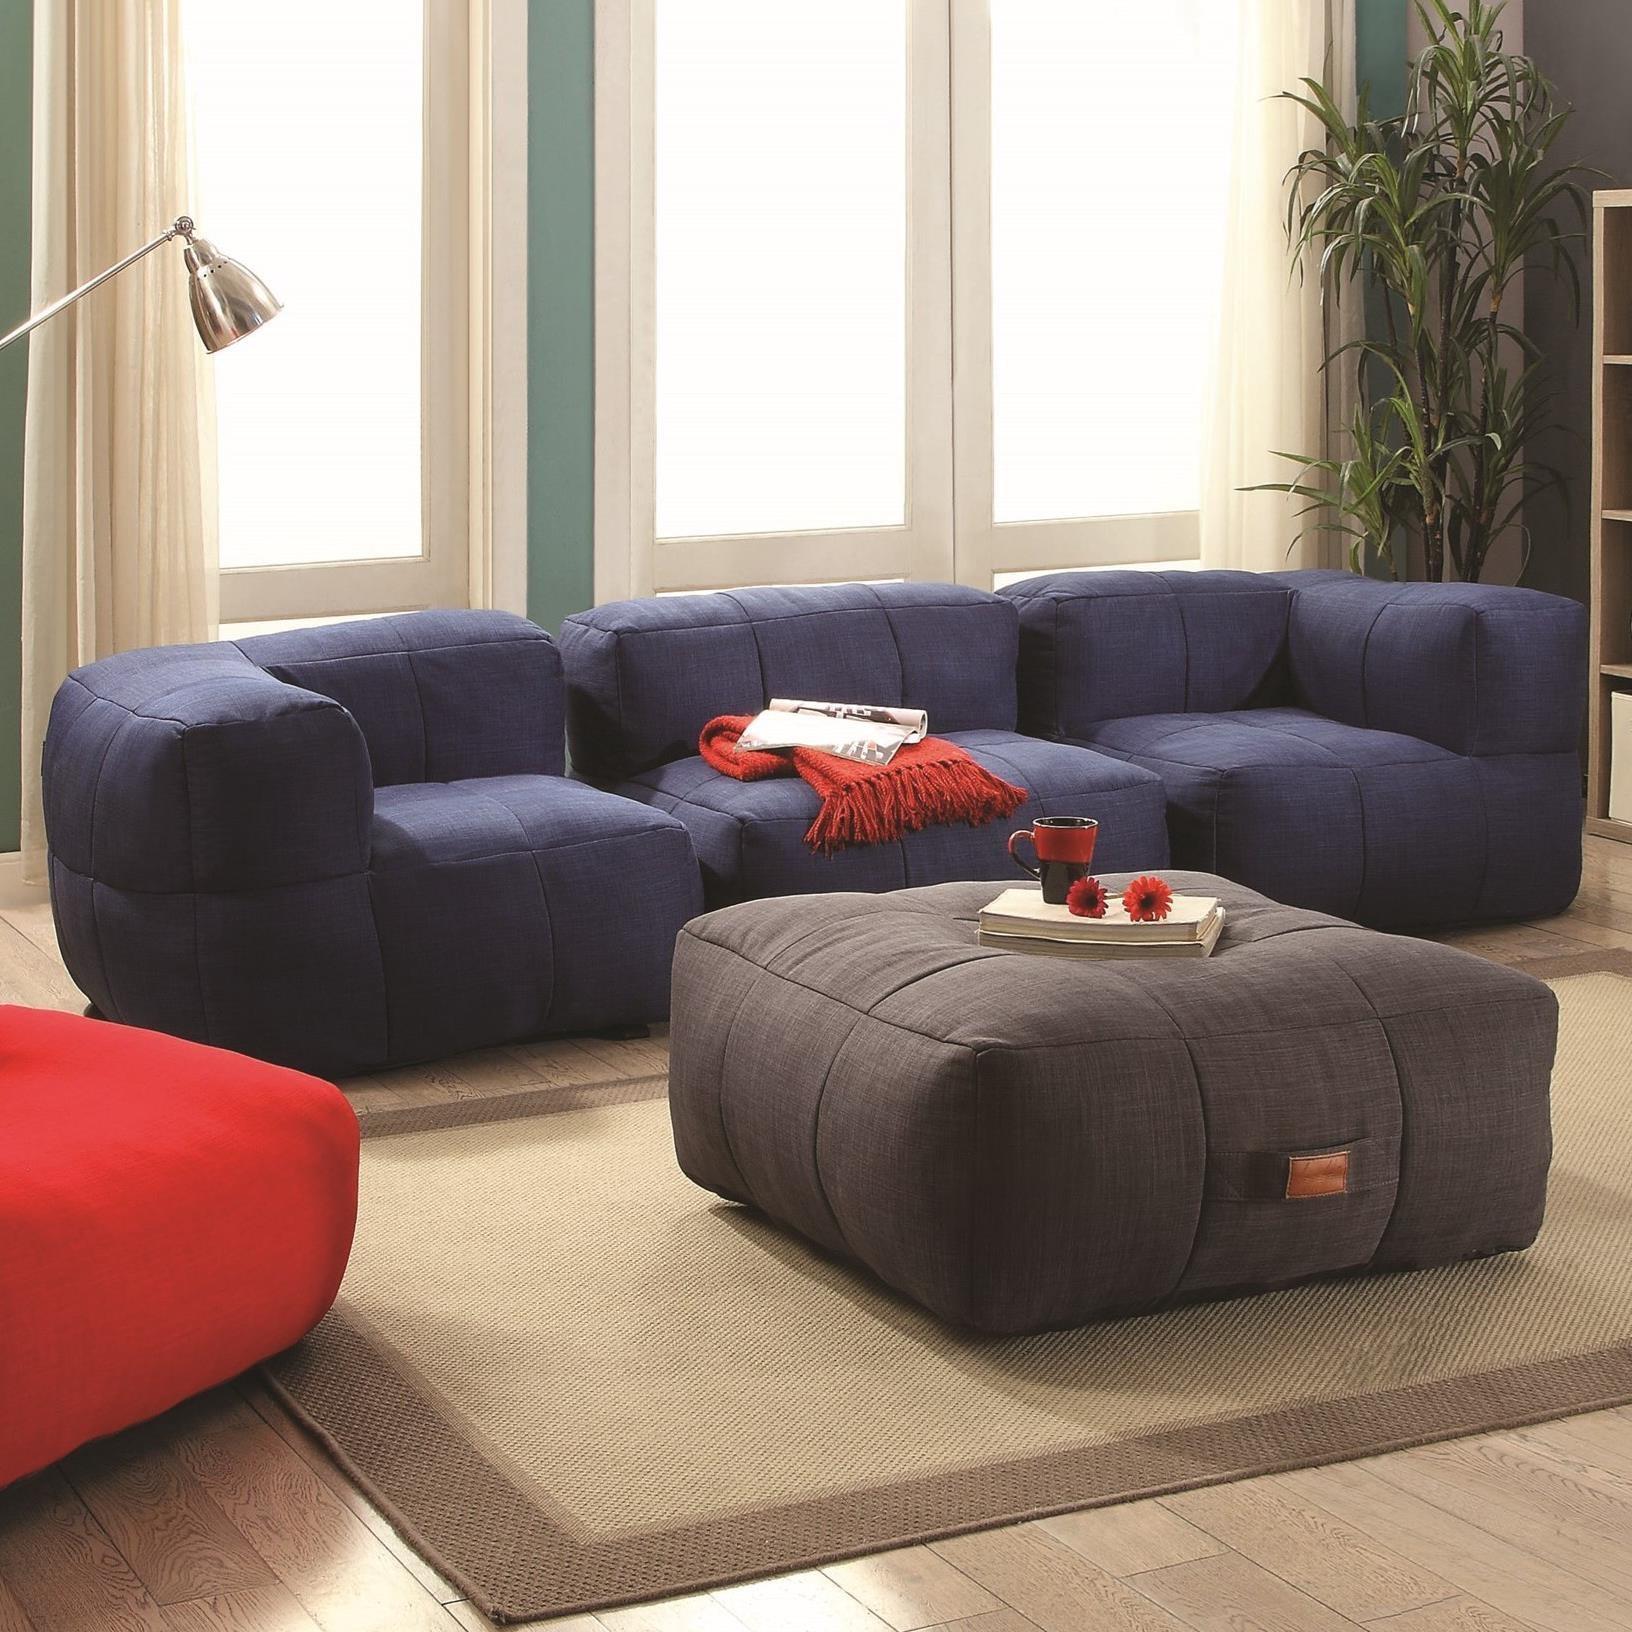 sofa deals nj single recliner living room furniture